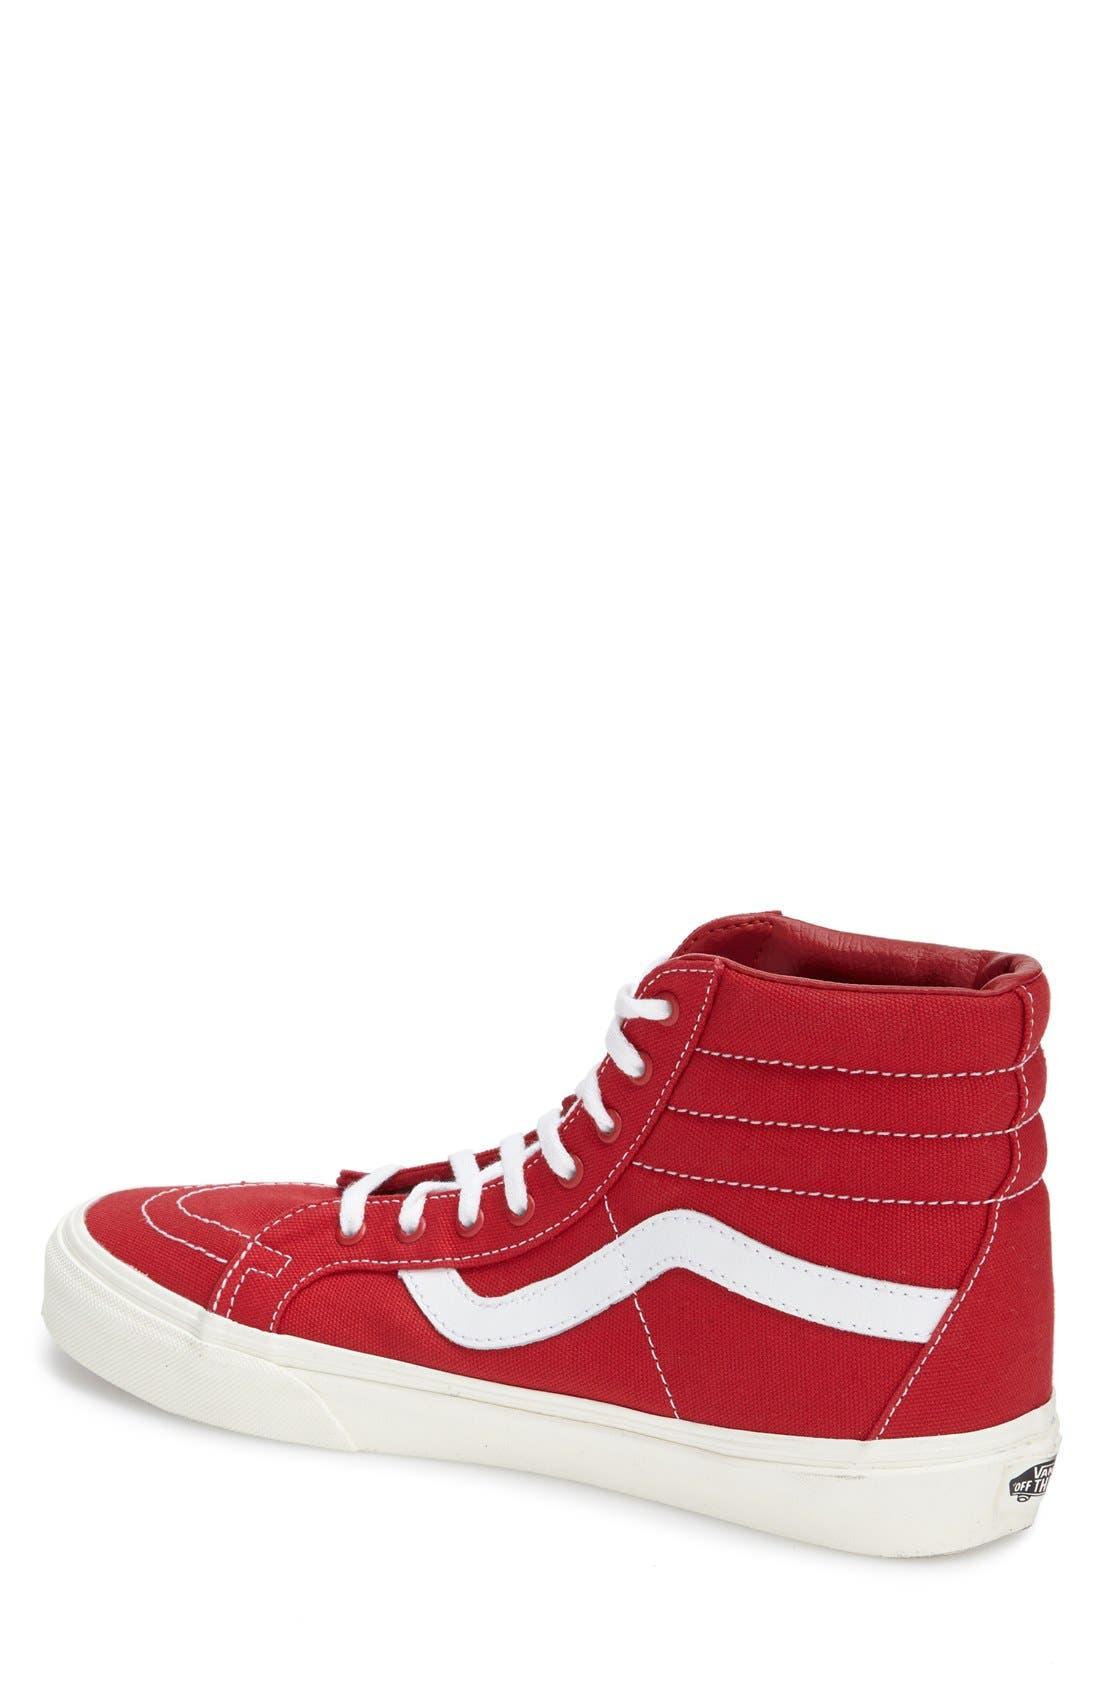 Alternate Image 2  - Vans 'Sk8-Hi Reissue' Sneaker (Men)